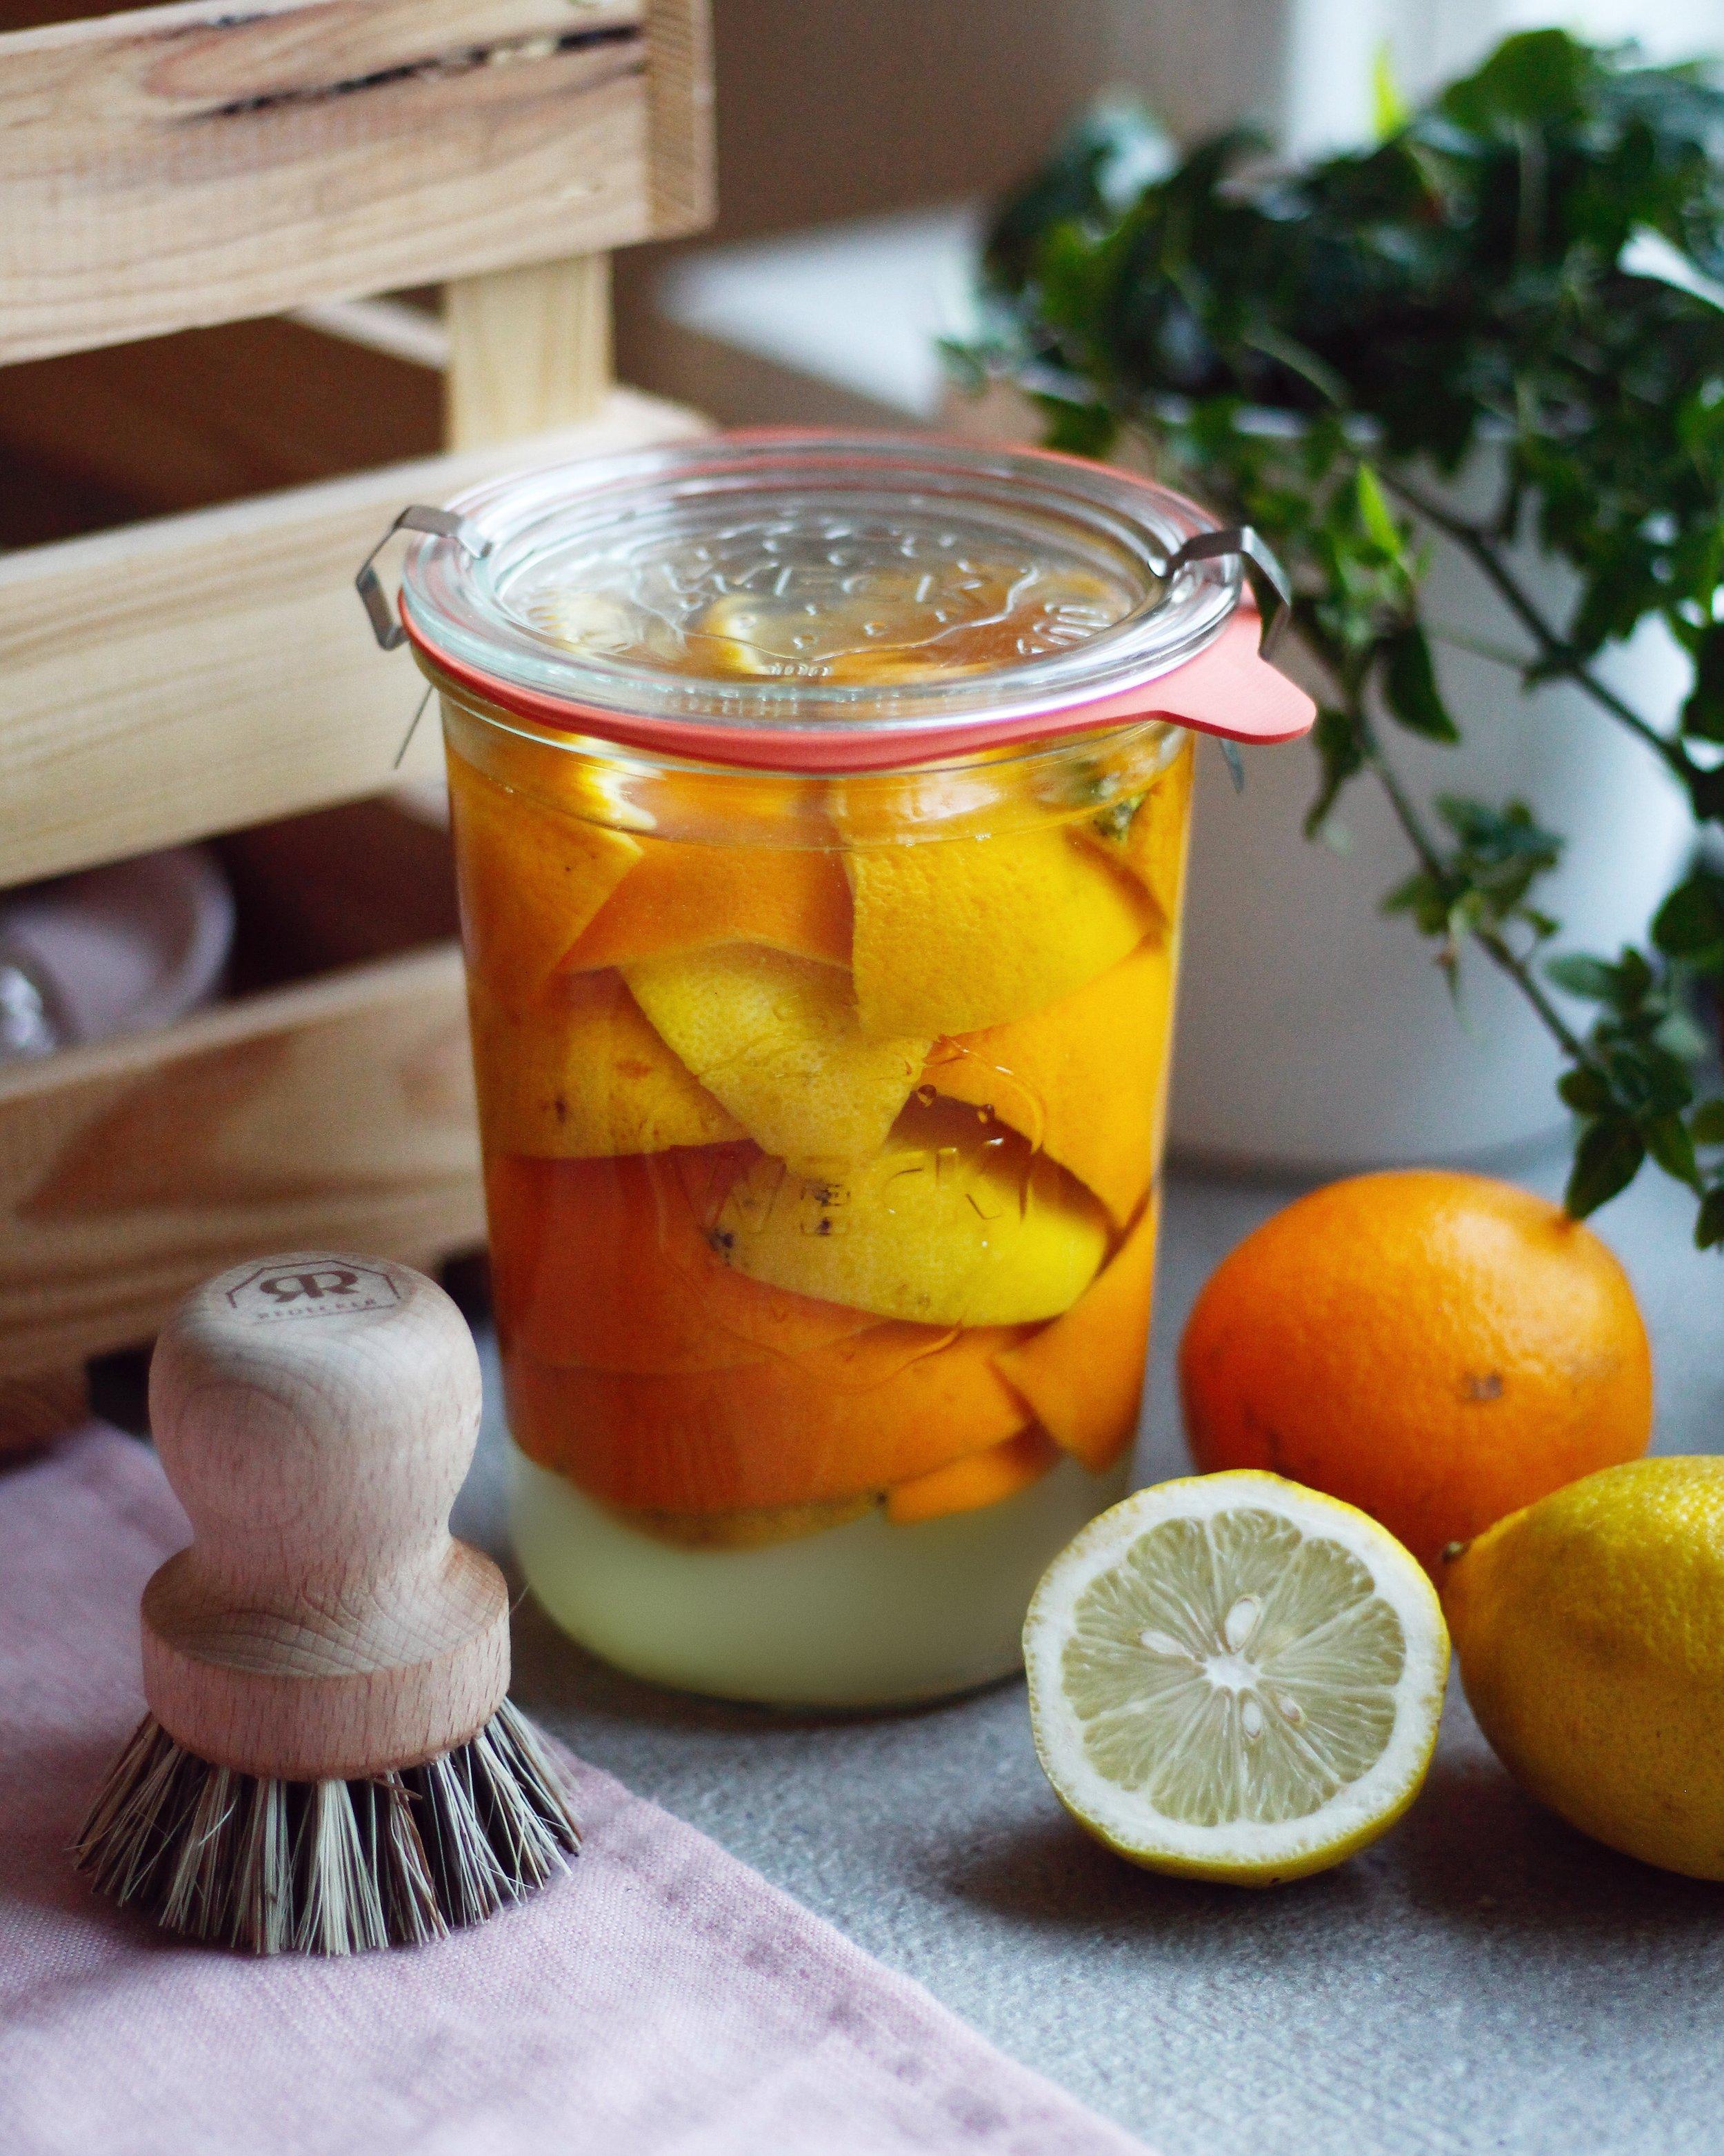 städa med ättika apelsinskal